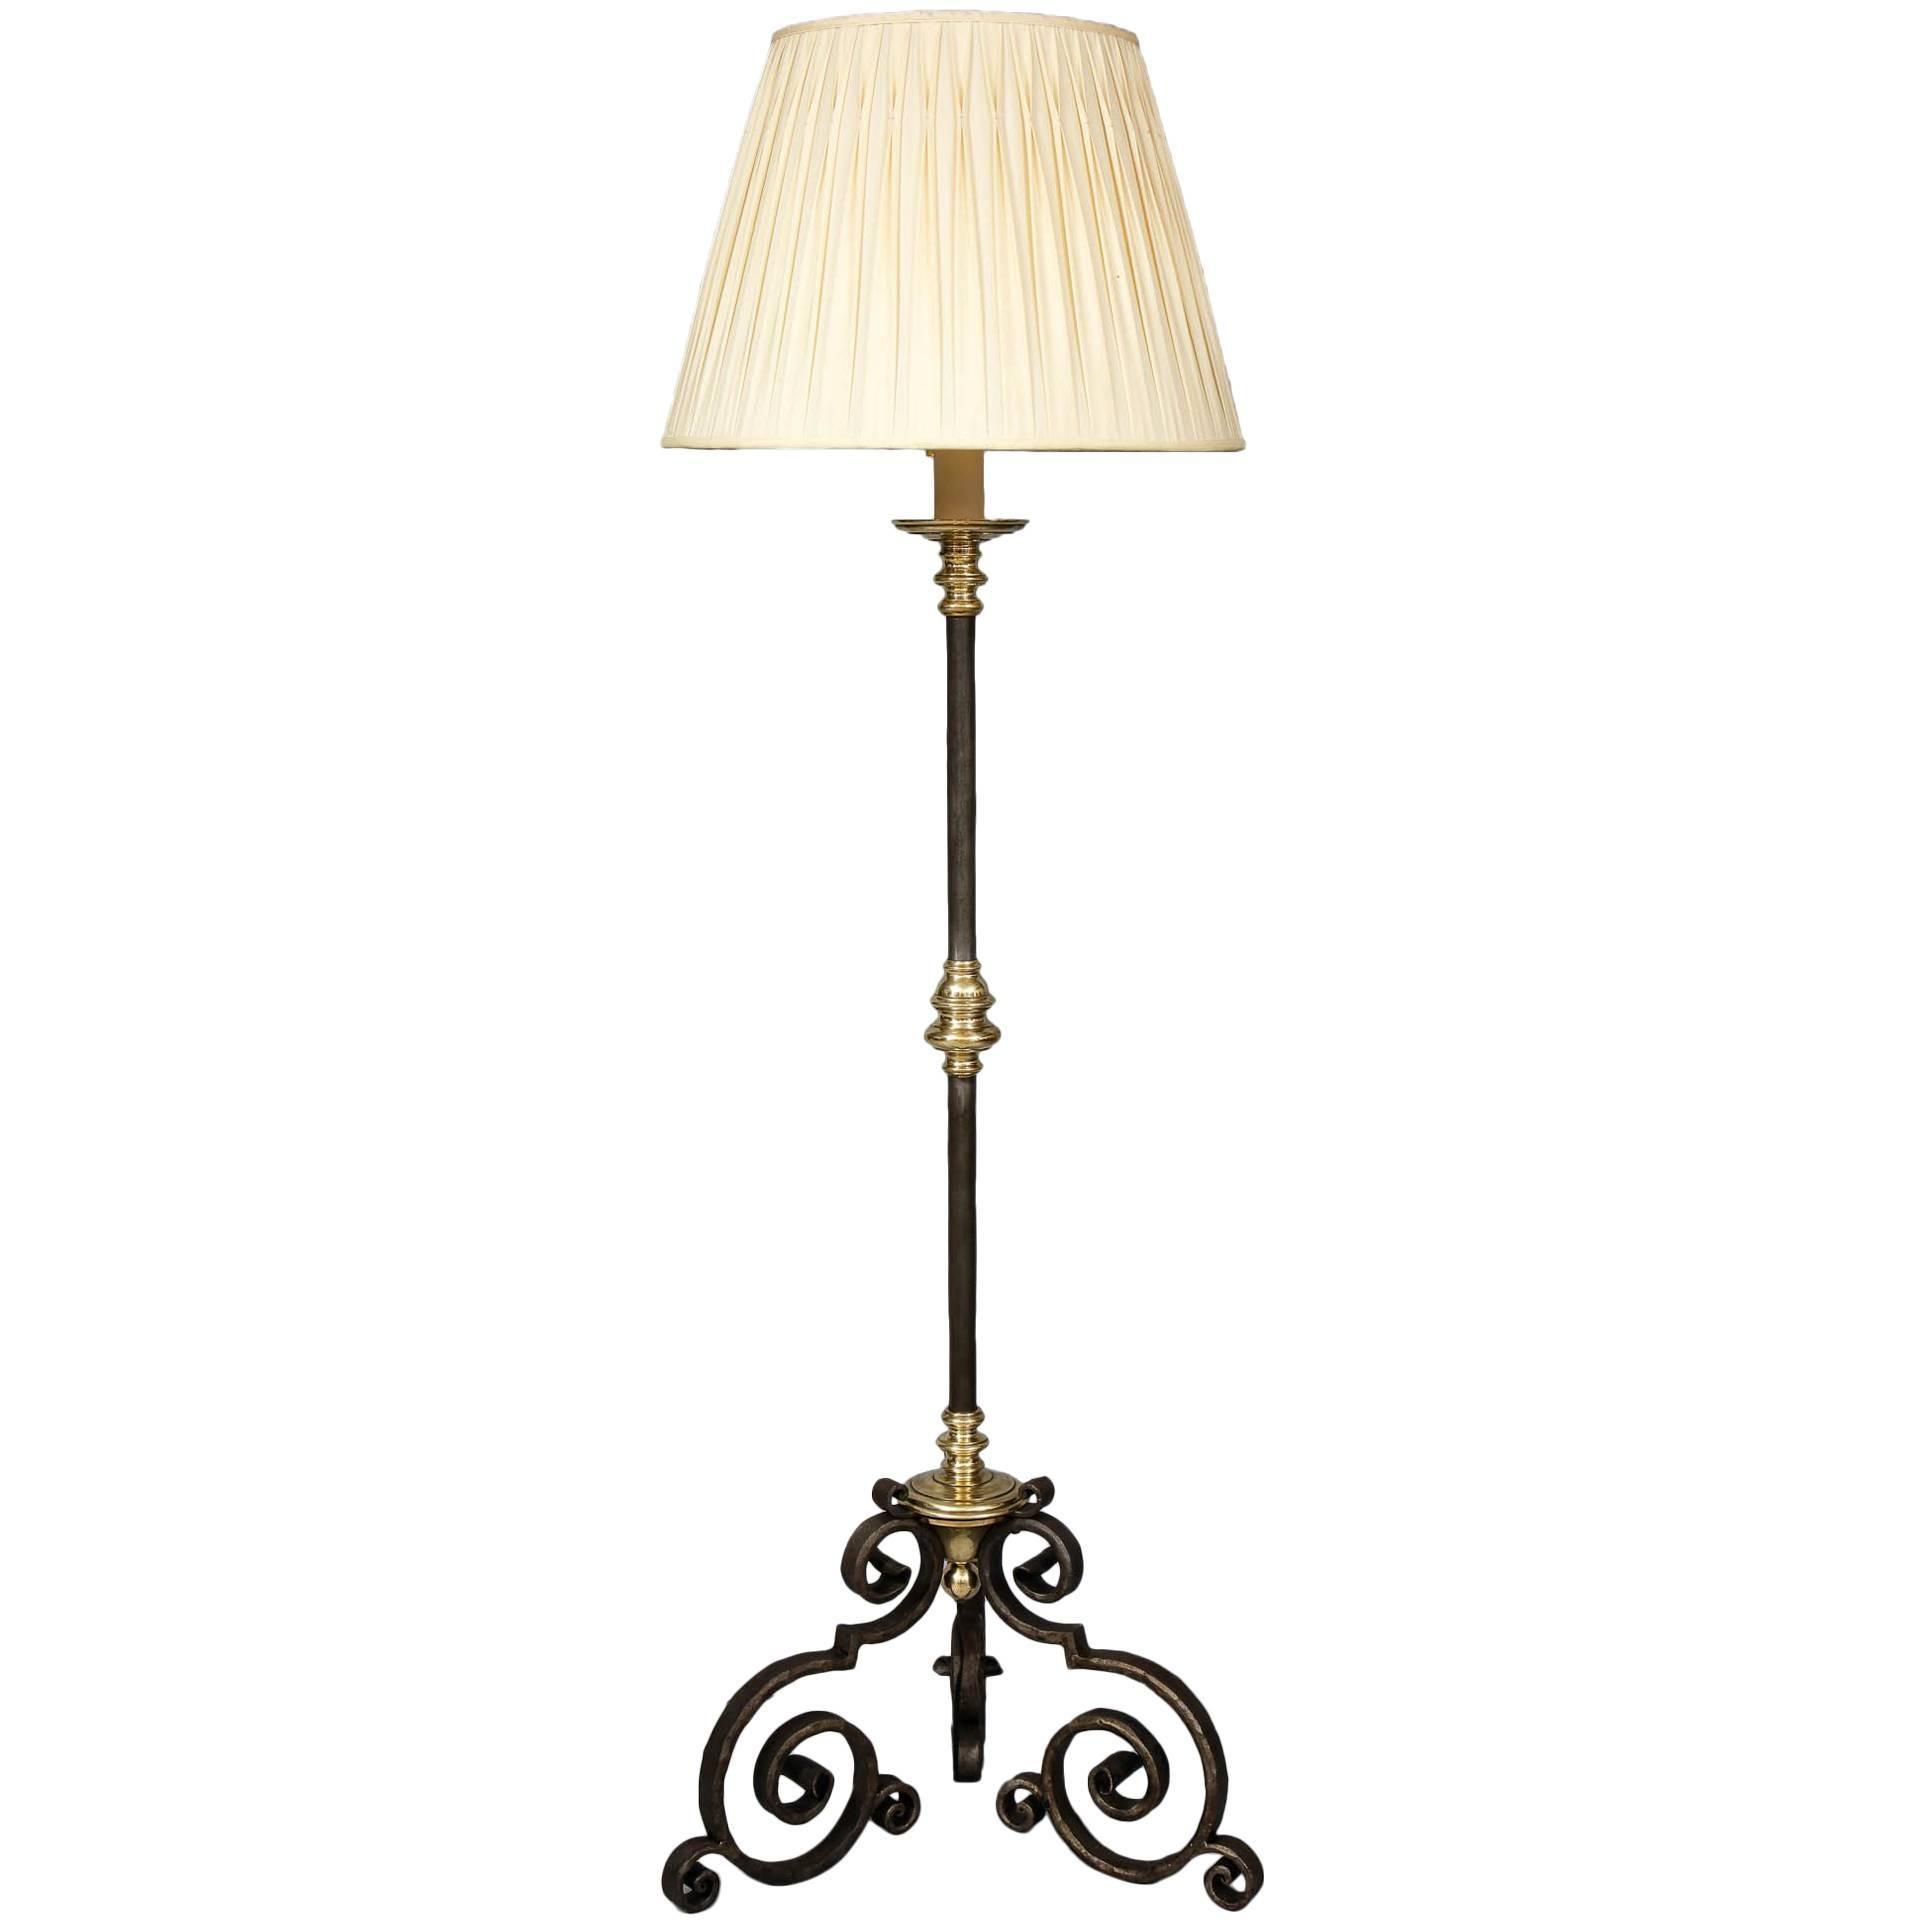 Mixed Metal Floor Lamp